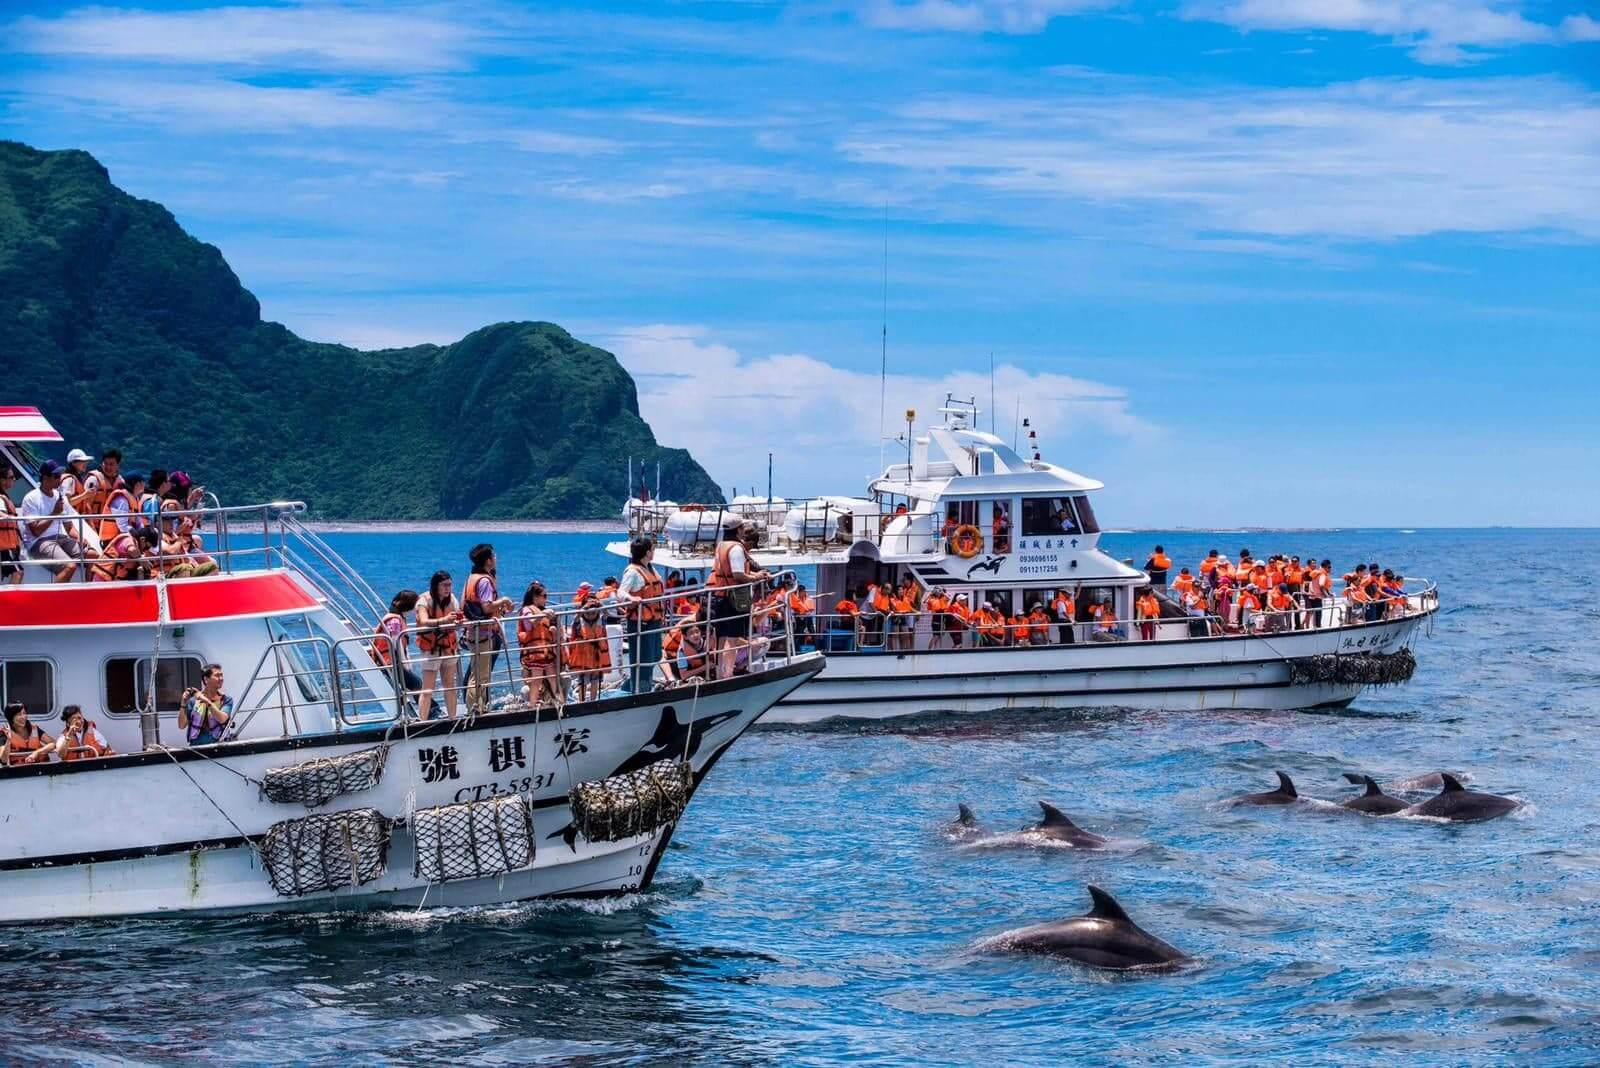 「宜蘭賞鯨二日遊」登船同俏皮的鯨豚前往龜山島。